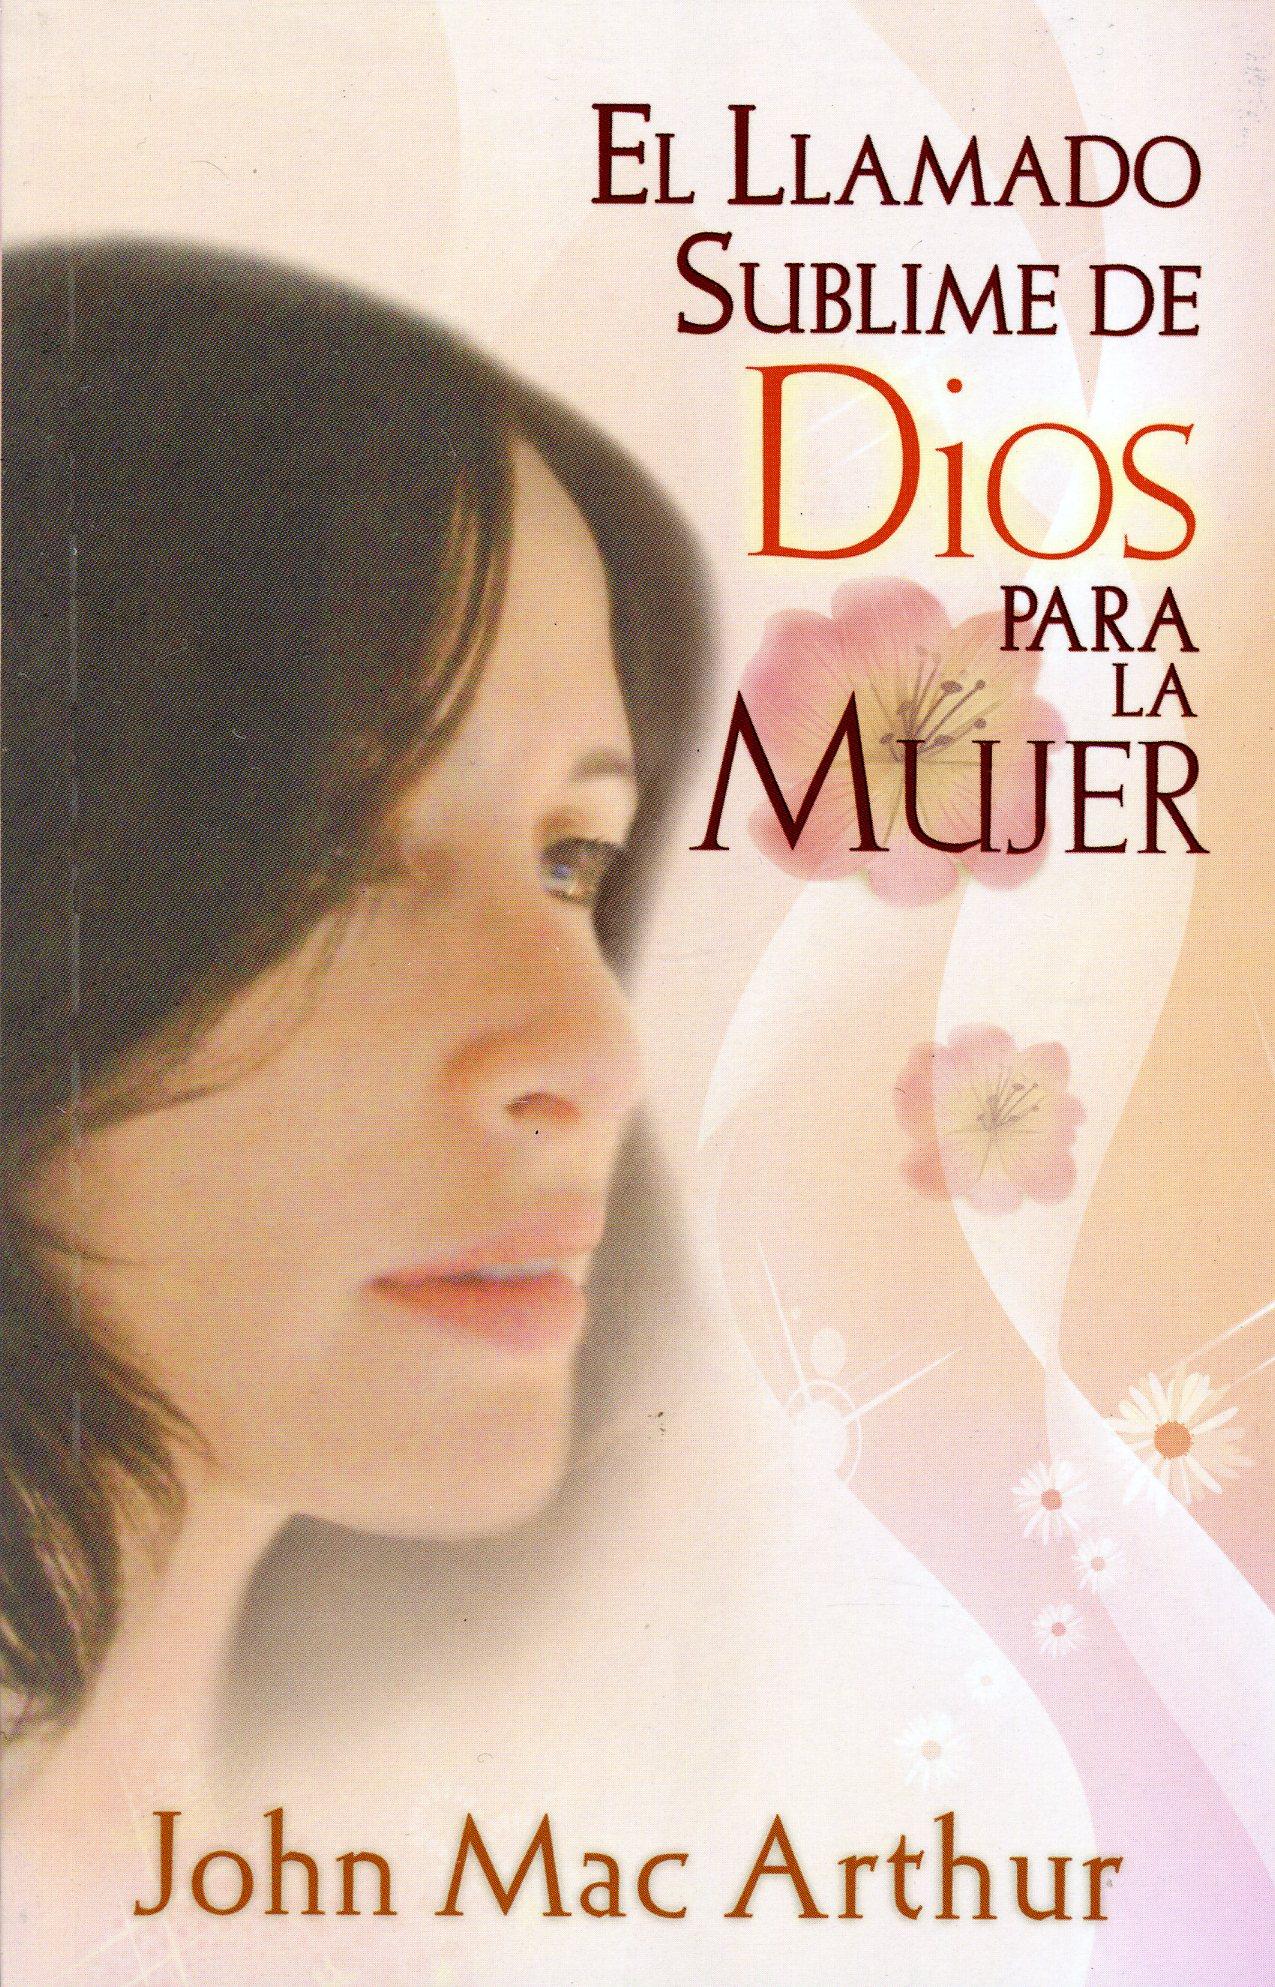 El Llamado Sublime de Dios para la Mujer